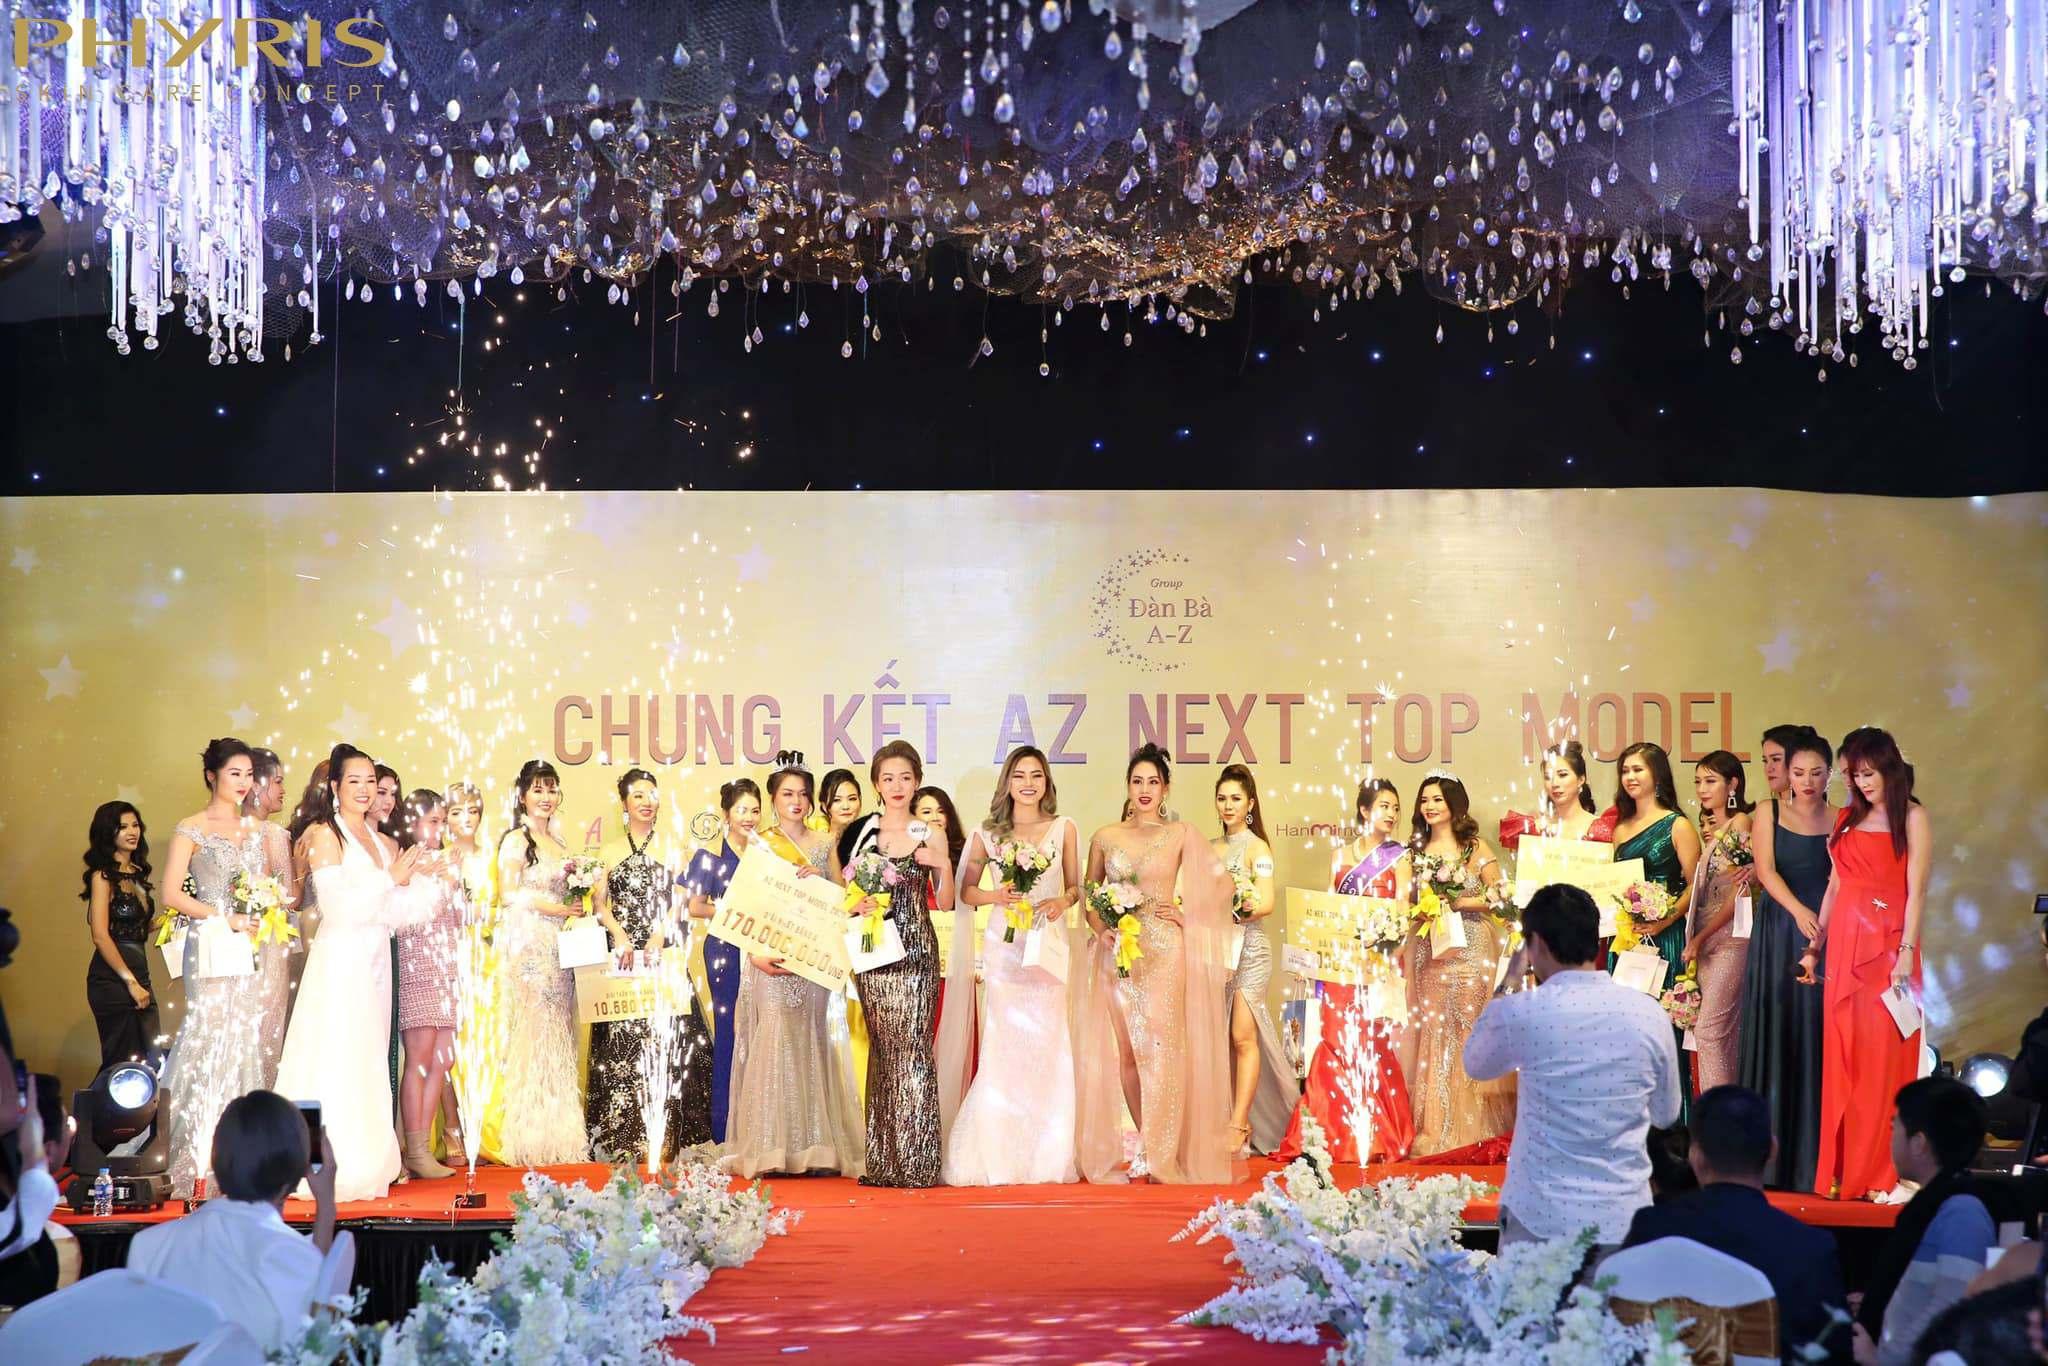 Rất nhiều người đẹp được vinh danh trong đêm Chung kết.